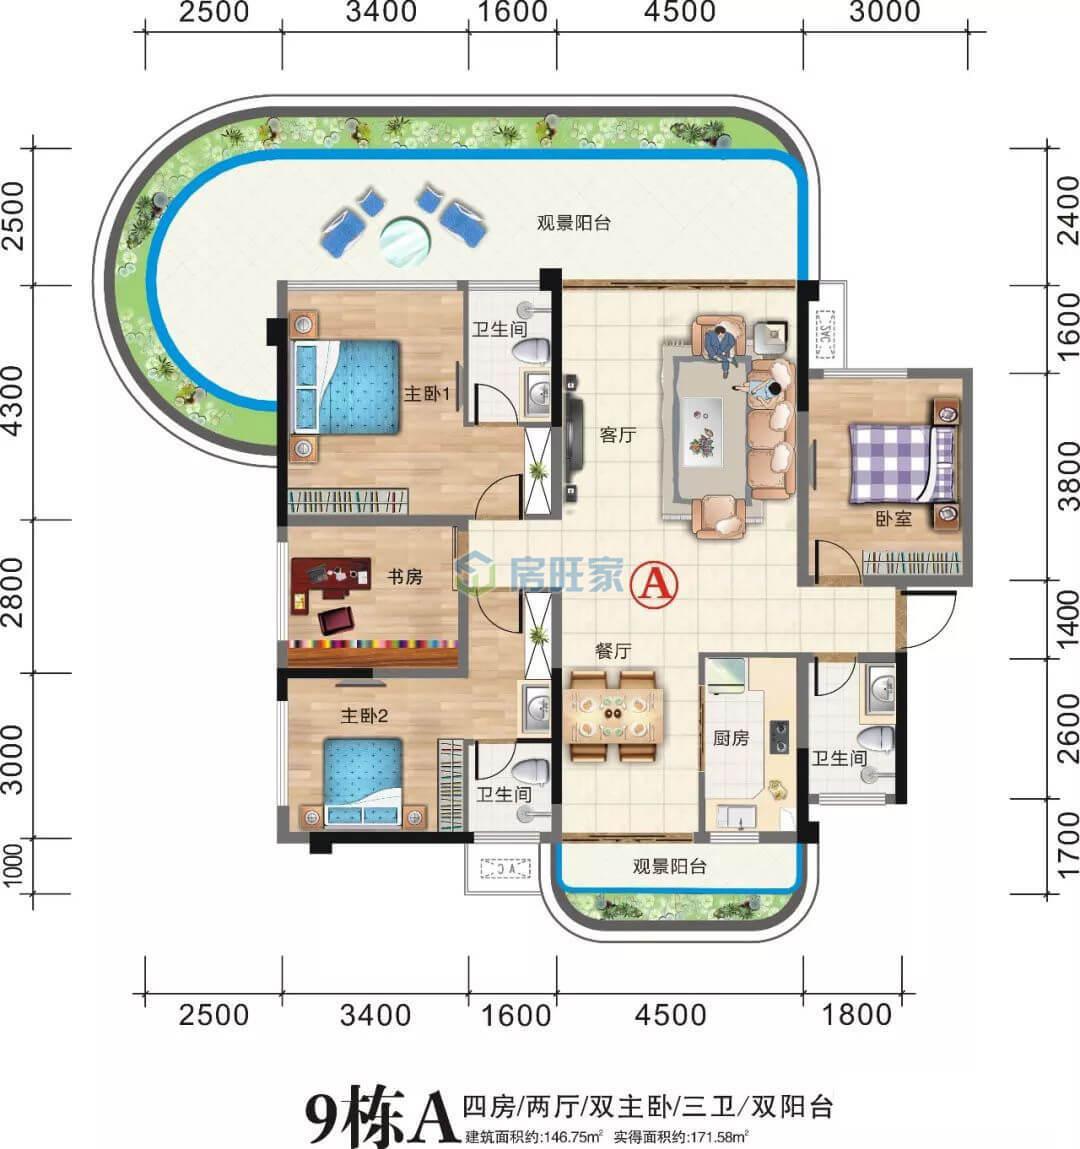 清凤黄金海岸9号楼A户型 四房 建面146.75平